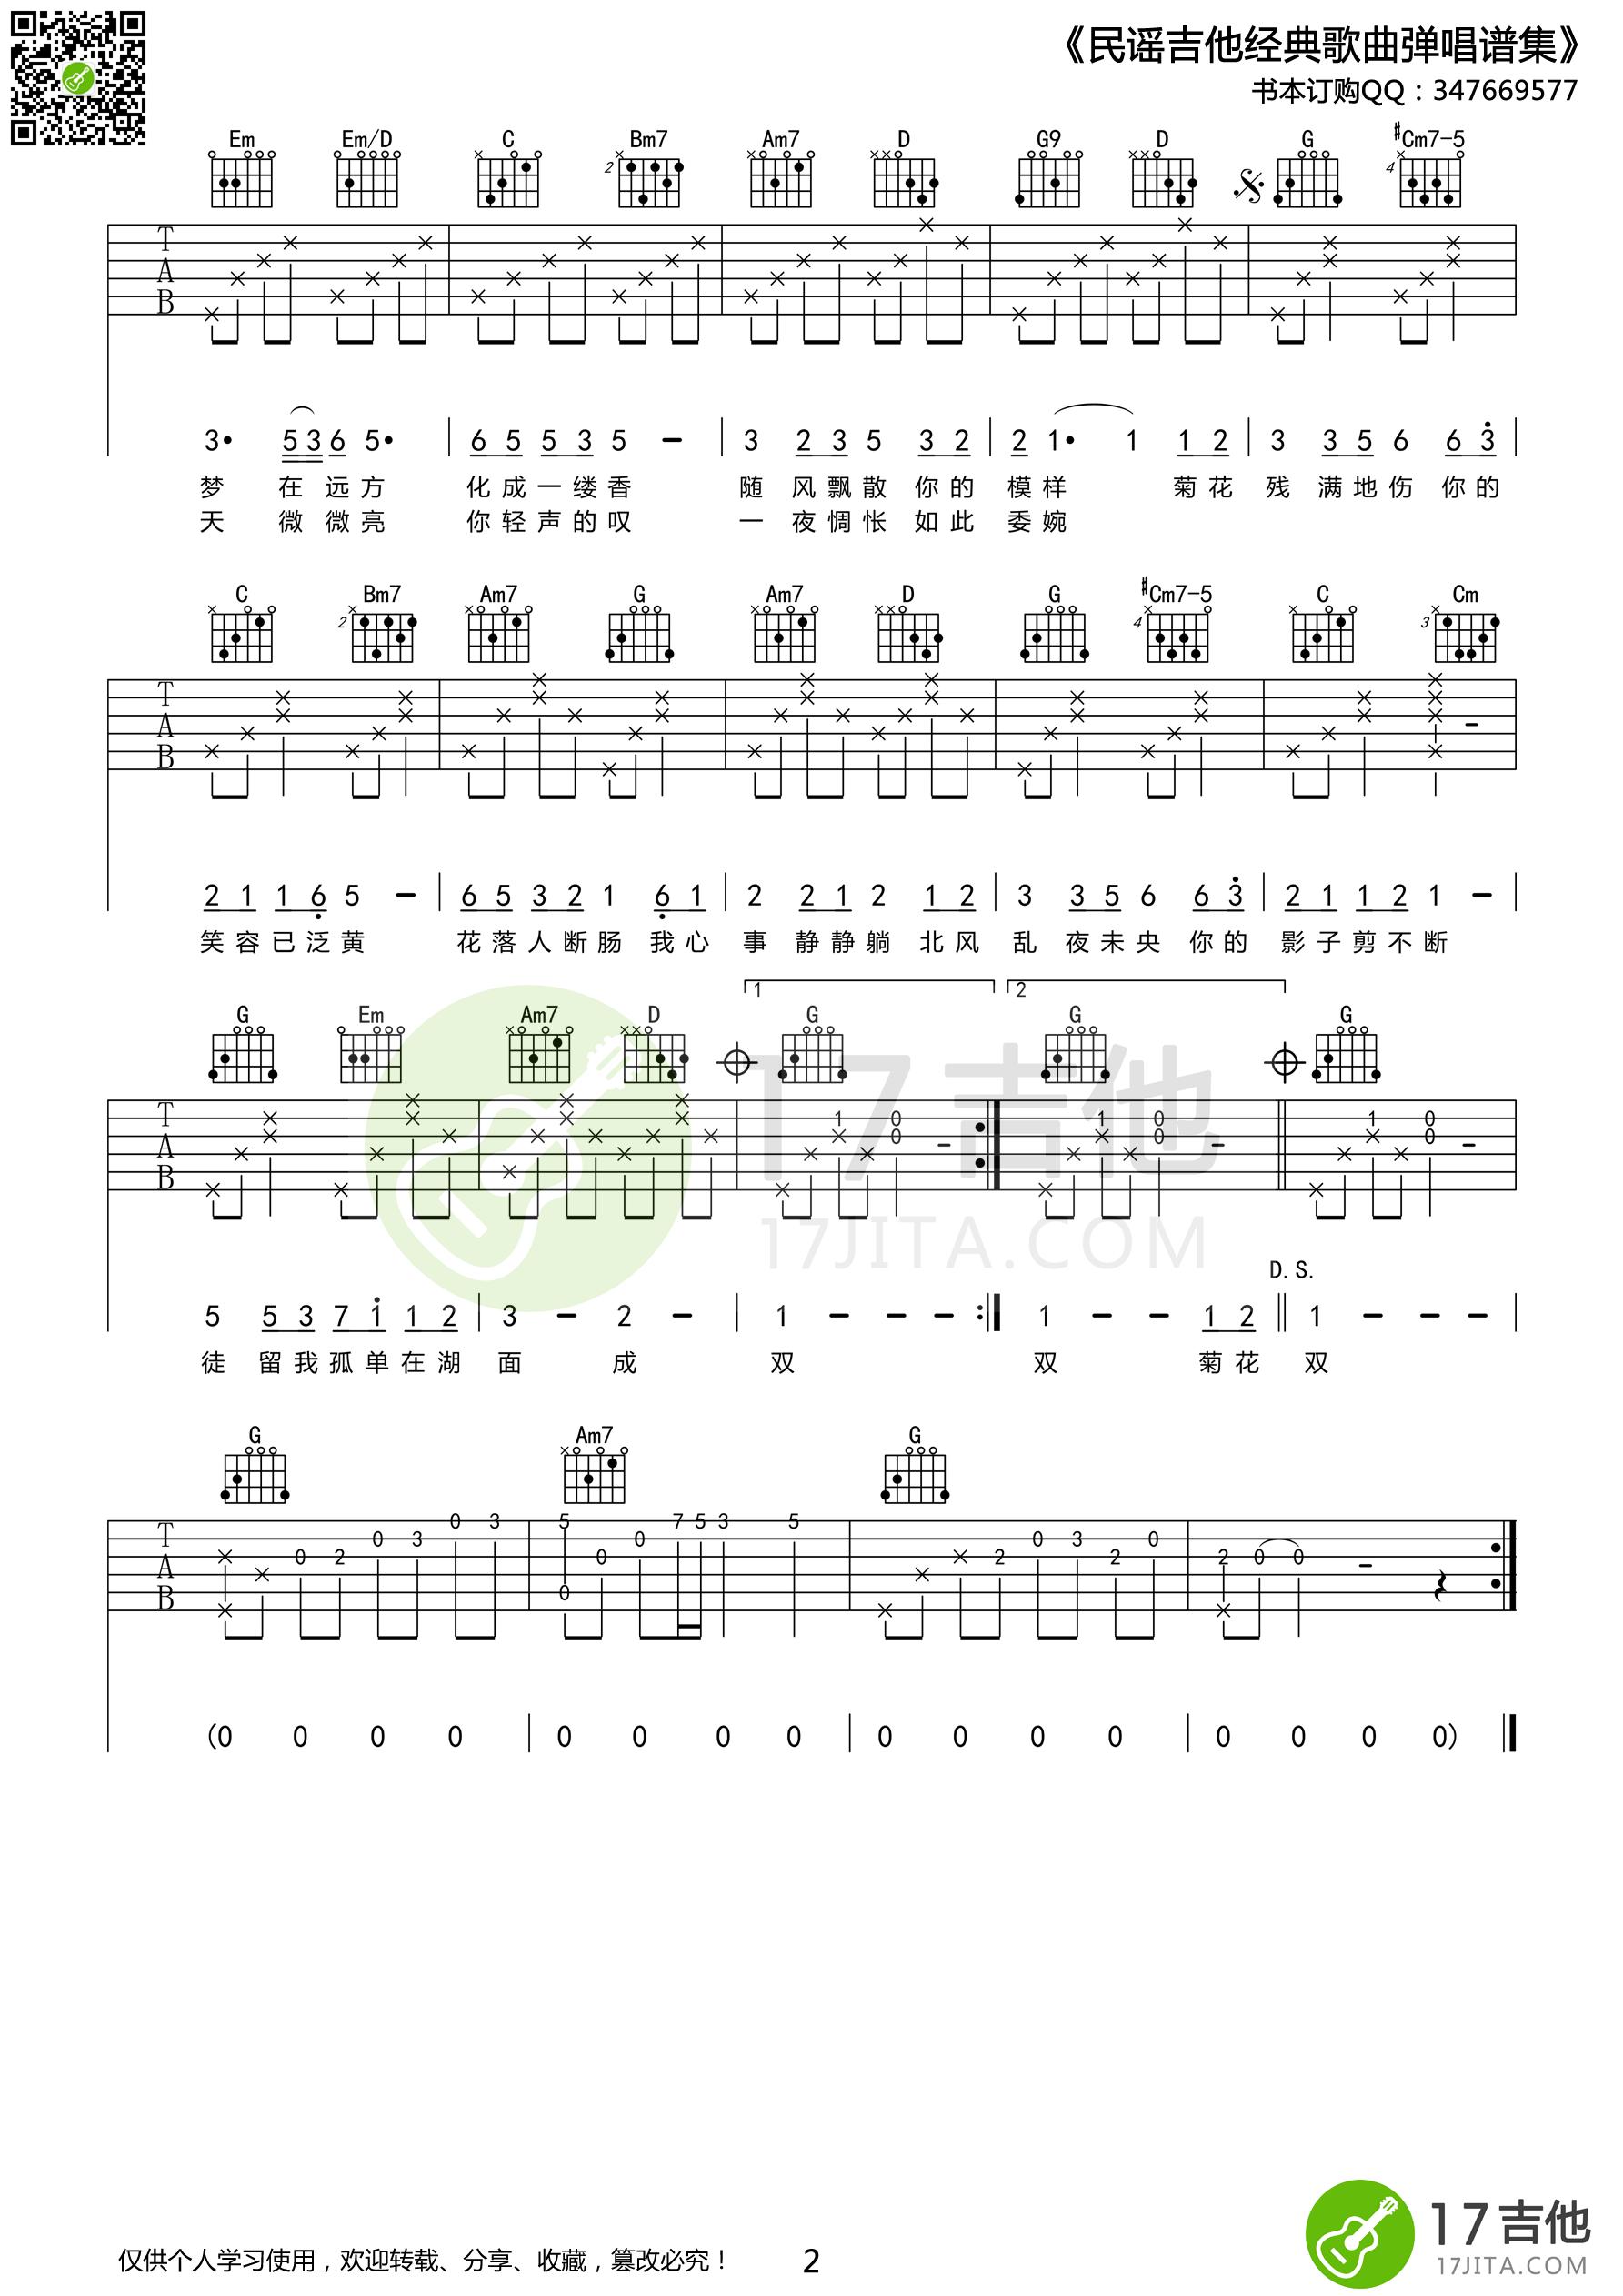 阳光宅男吉他谱gtp_周杰伦《菊花台》吉他谱 G调高清版-C大调音乐网